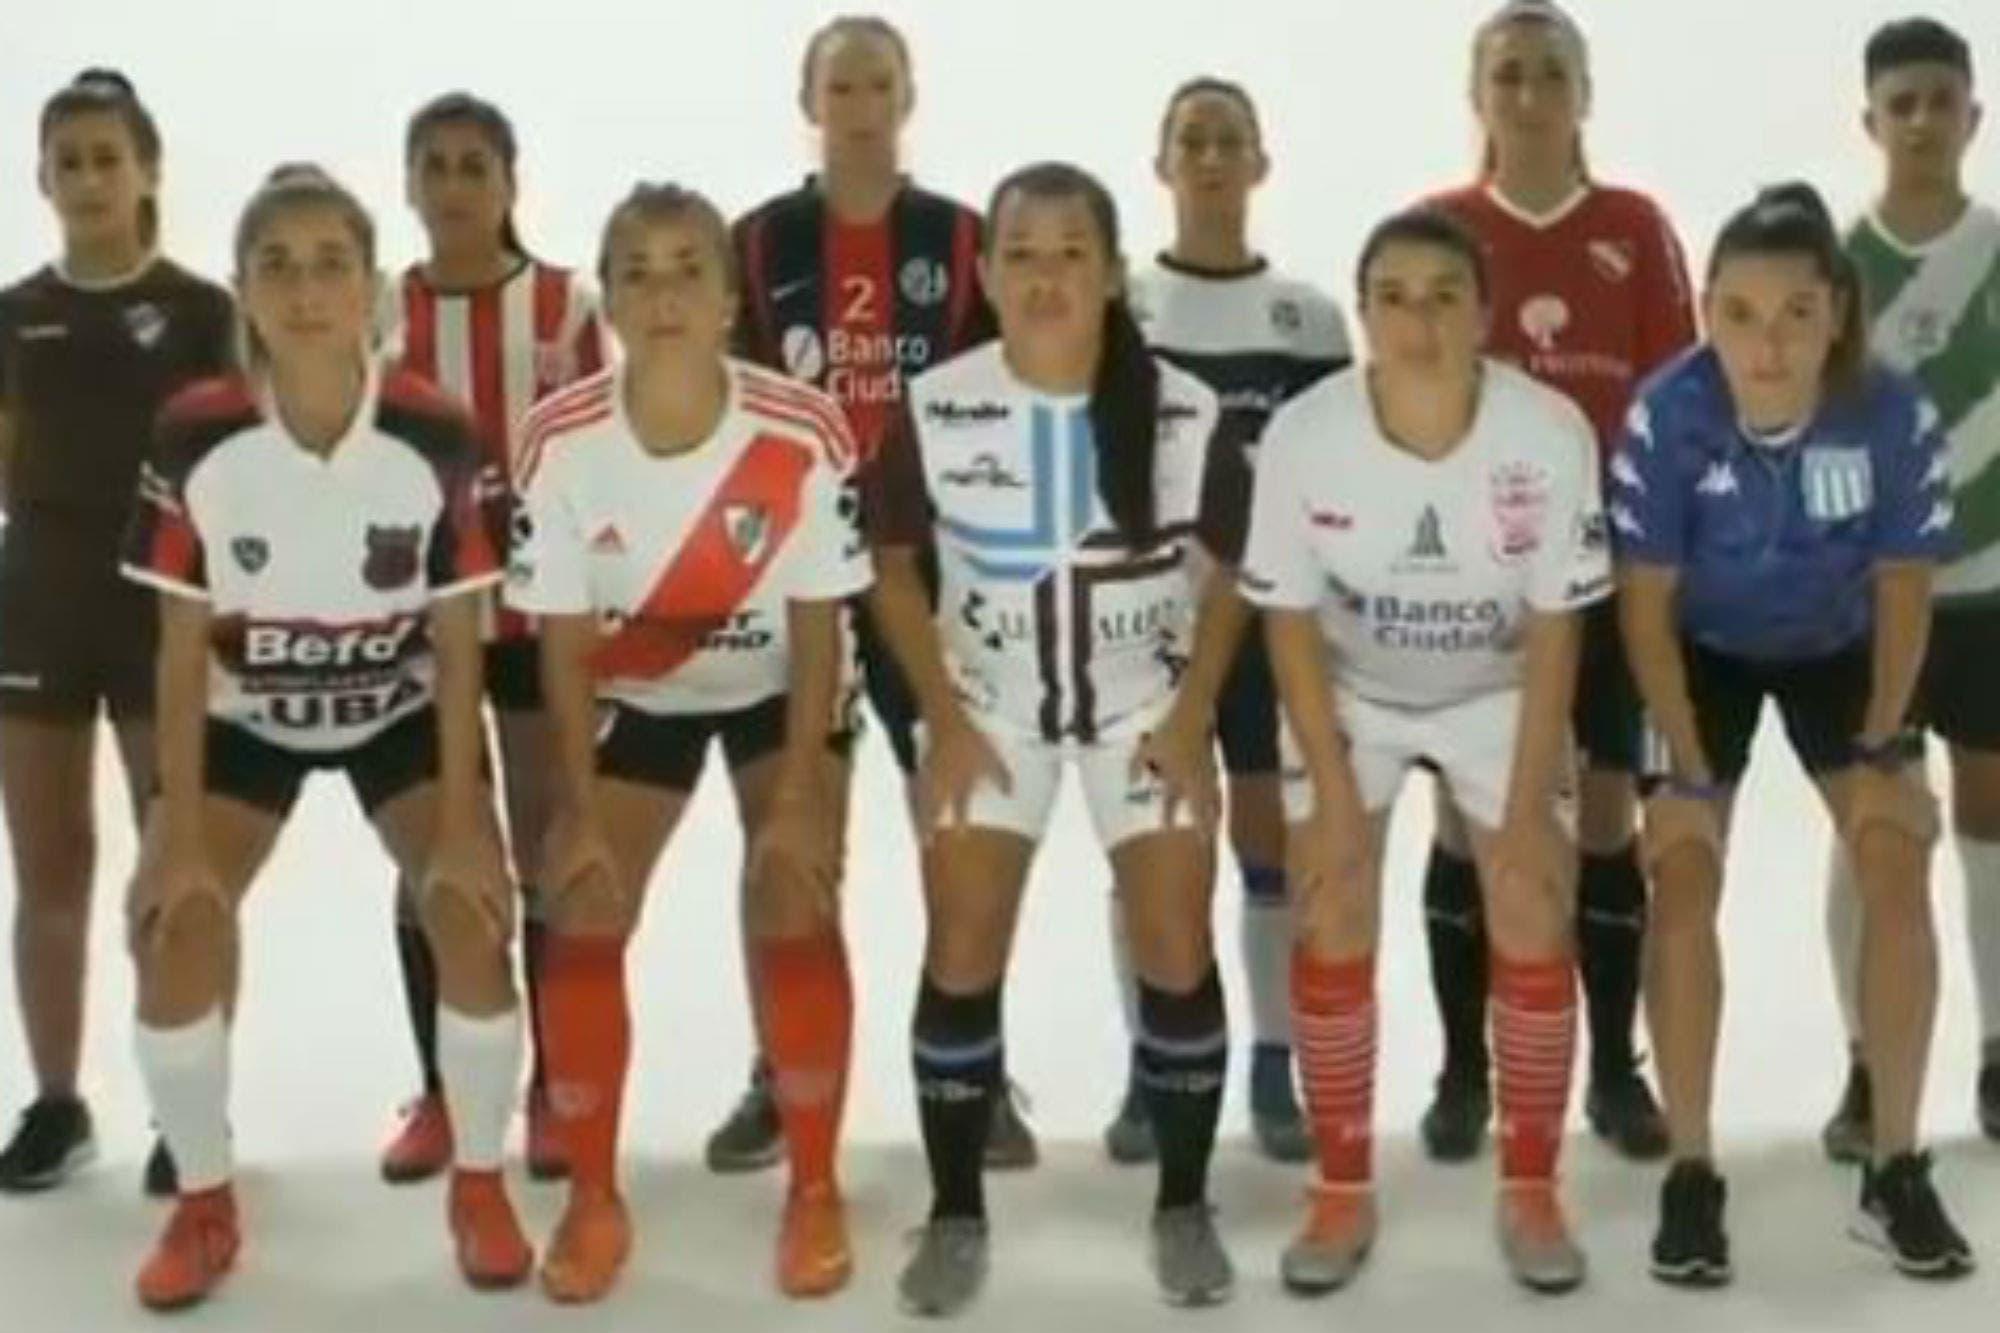 Las futbolistas dan un conmovedor testimonio en el día de la Eliminación de la Violencia de Género